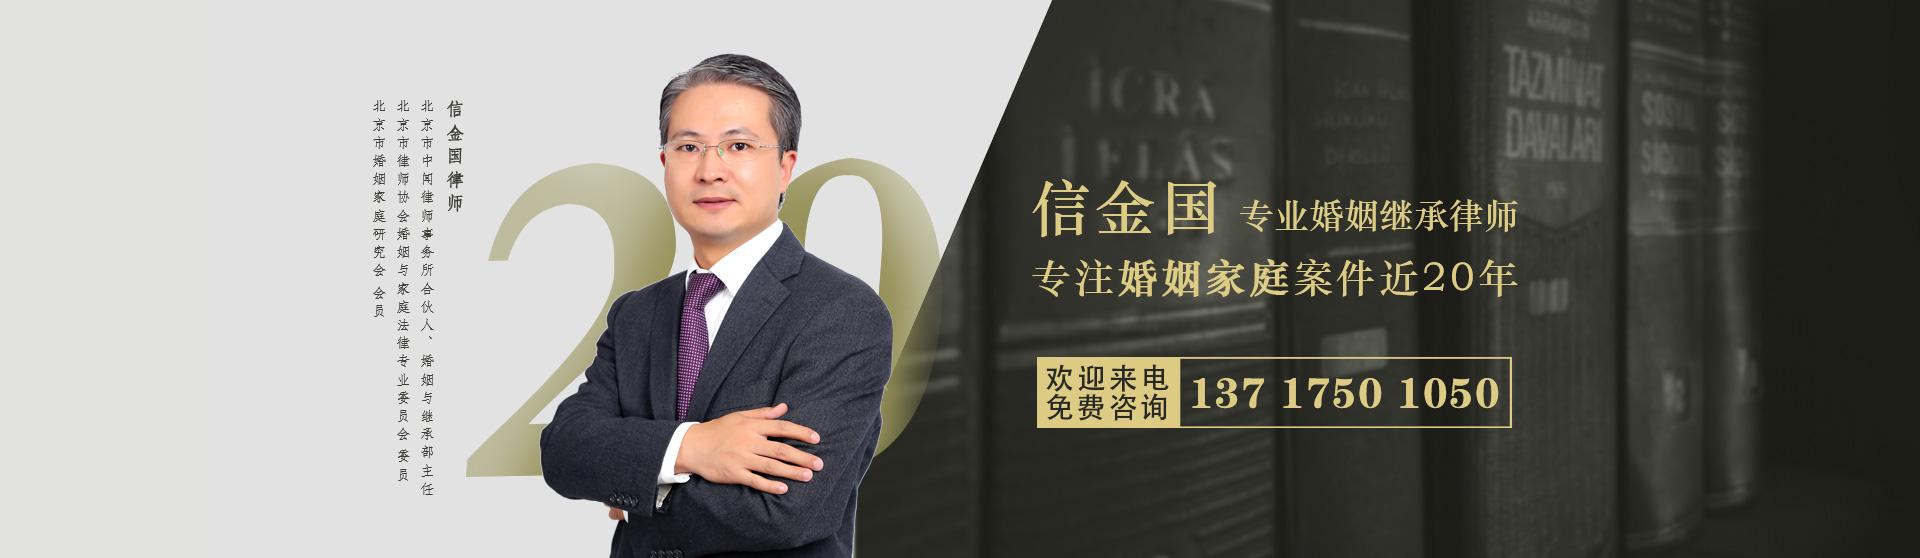 北京婚姻继承律师信金国团队